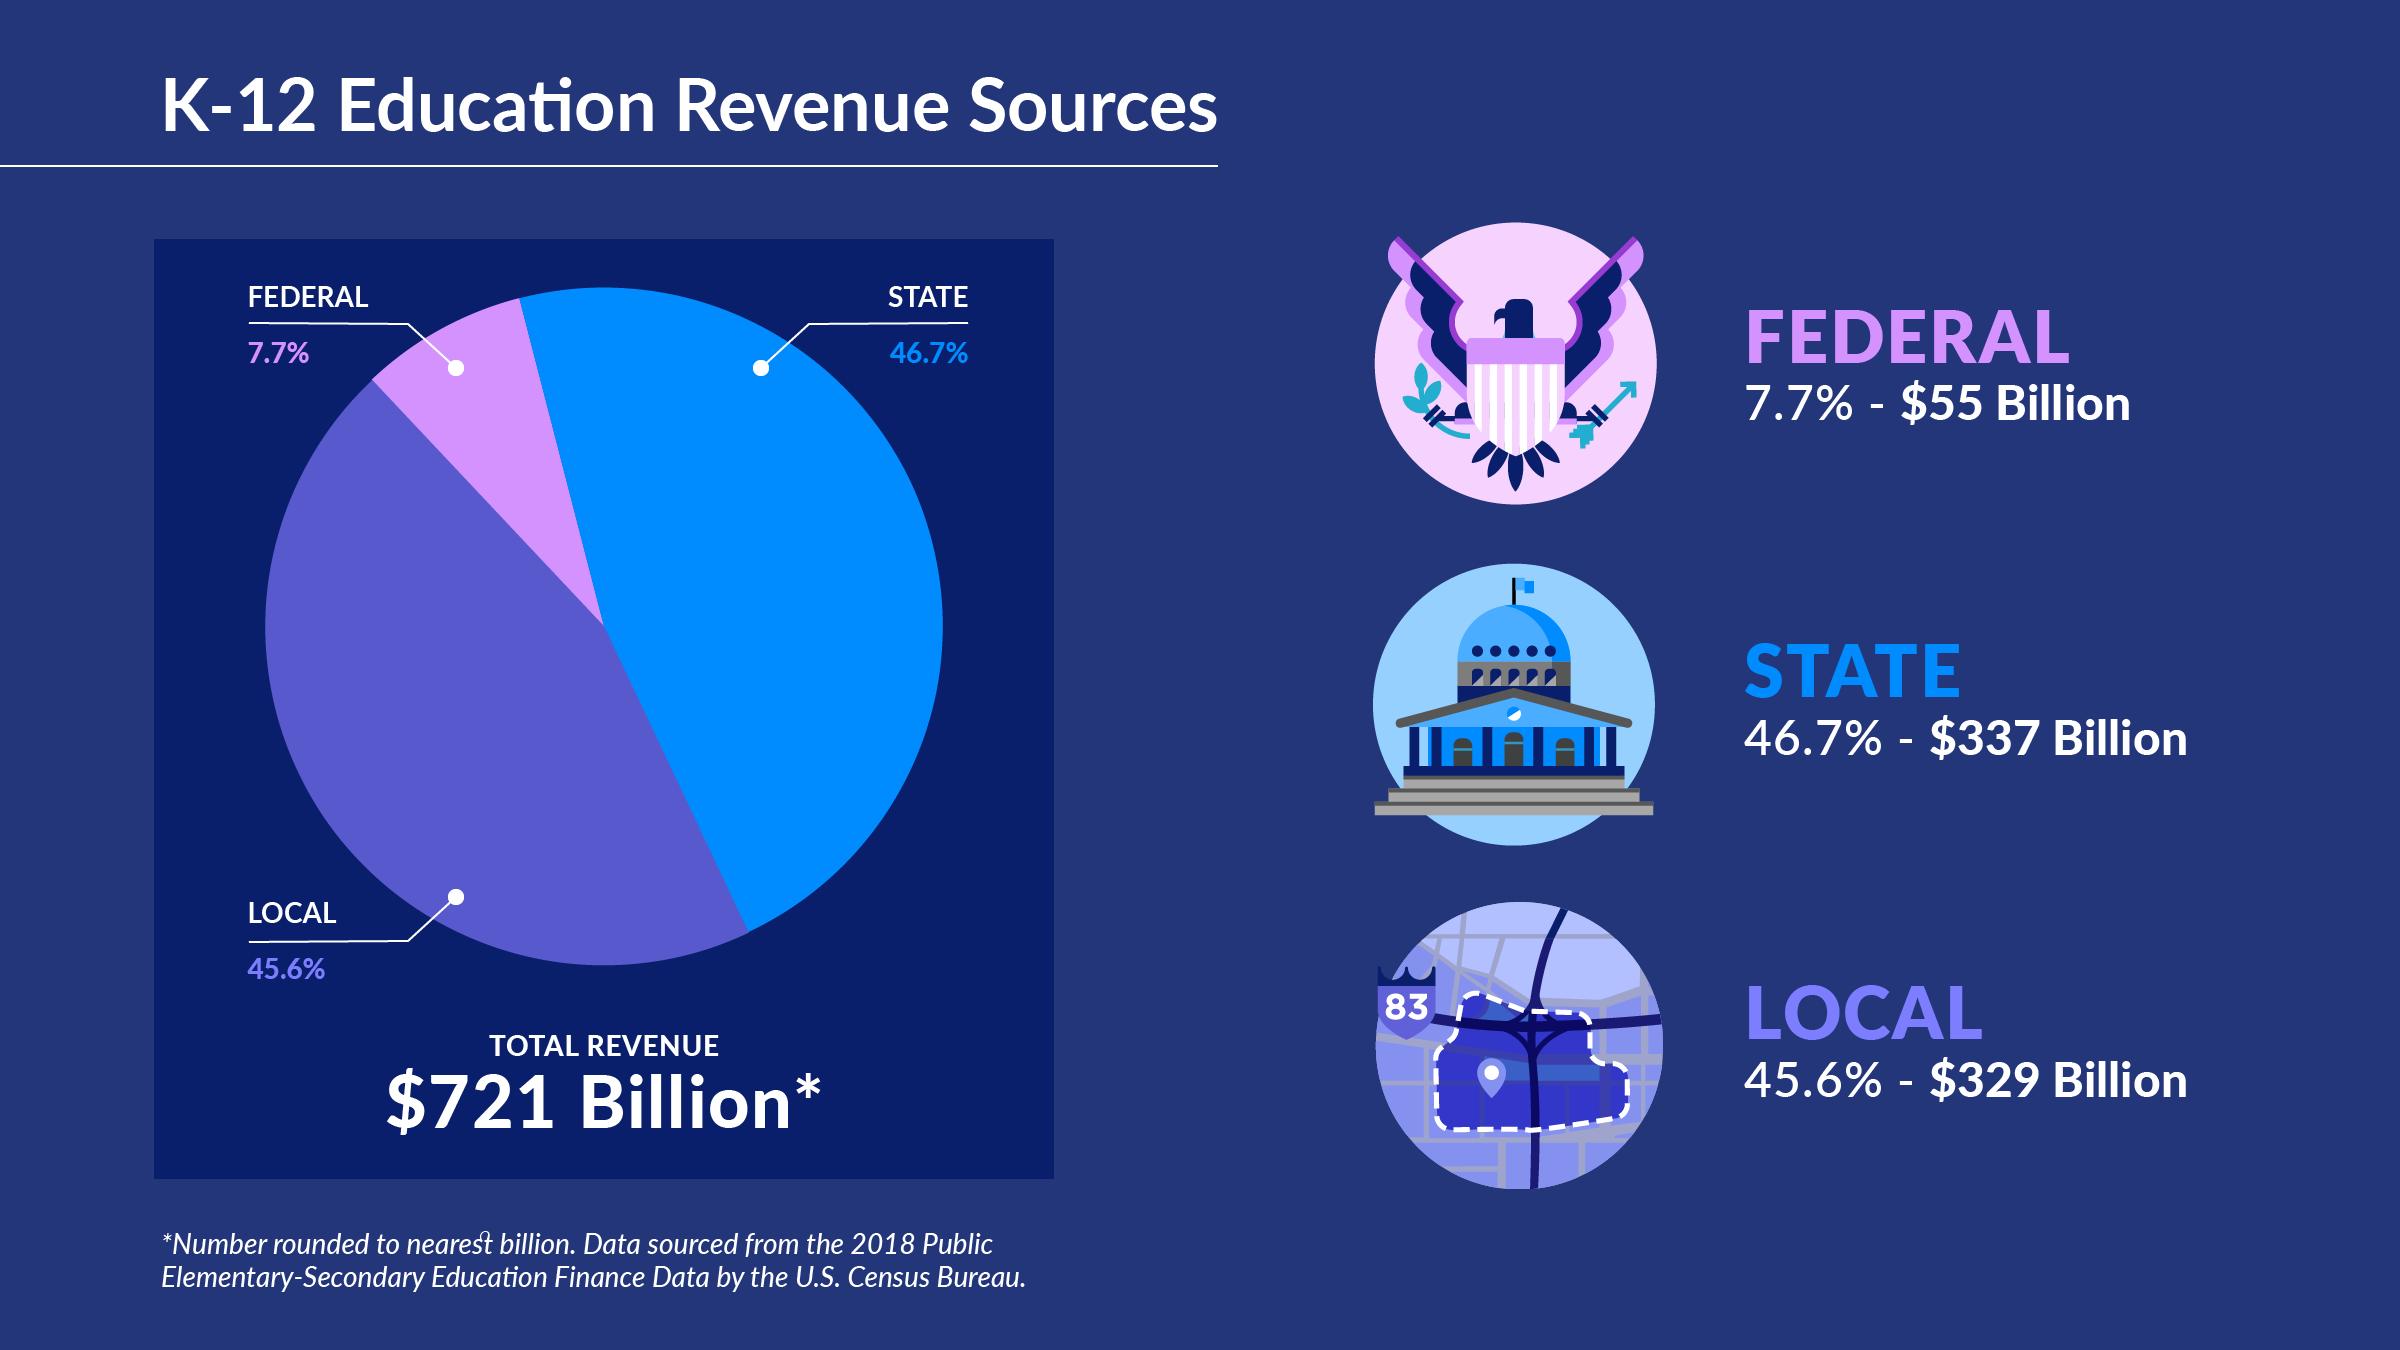 K-12 education revenue sources